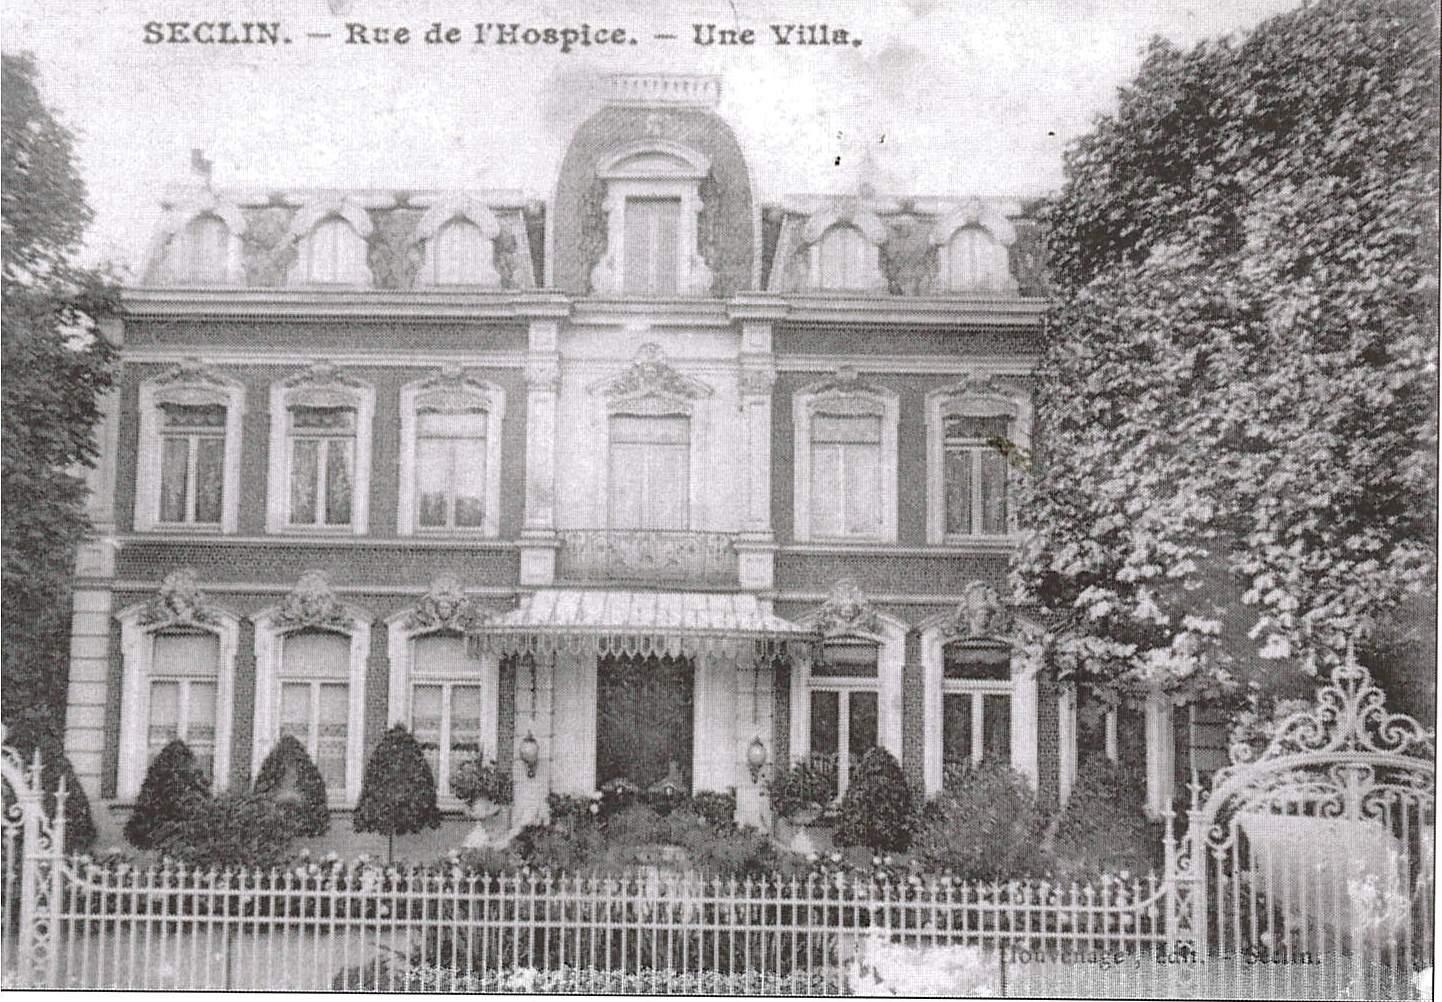 Seclin, rue de l'Hospice : La maison Guillemaud, demeure originelle de la famille. De nos jours, il ne reste de cette villa bourgeoise que les grilles qui ont été déplacé dans le parc de la mairie.